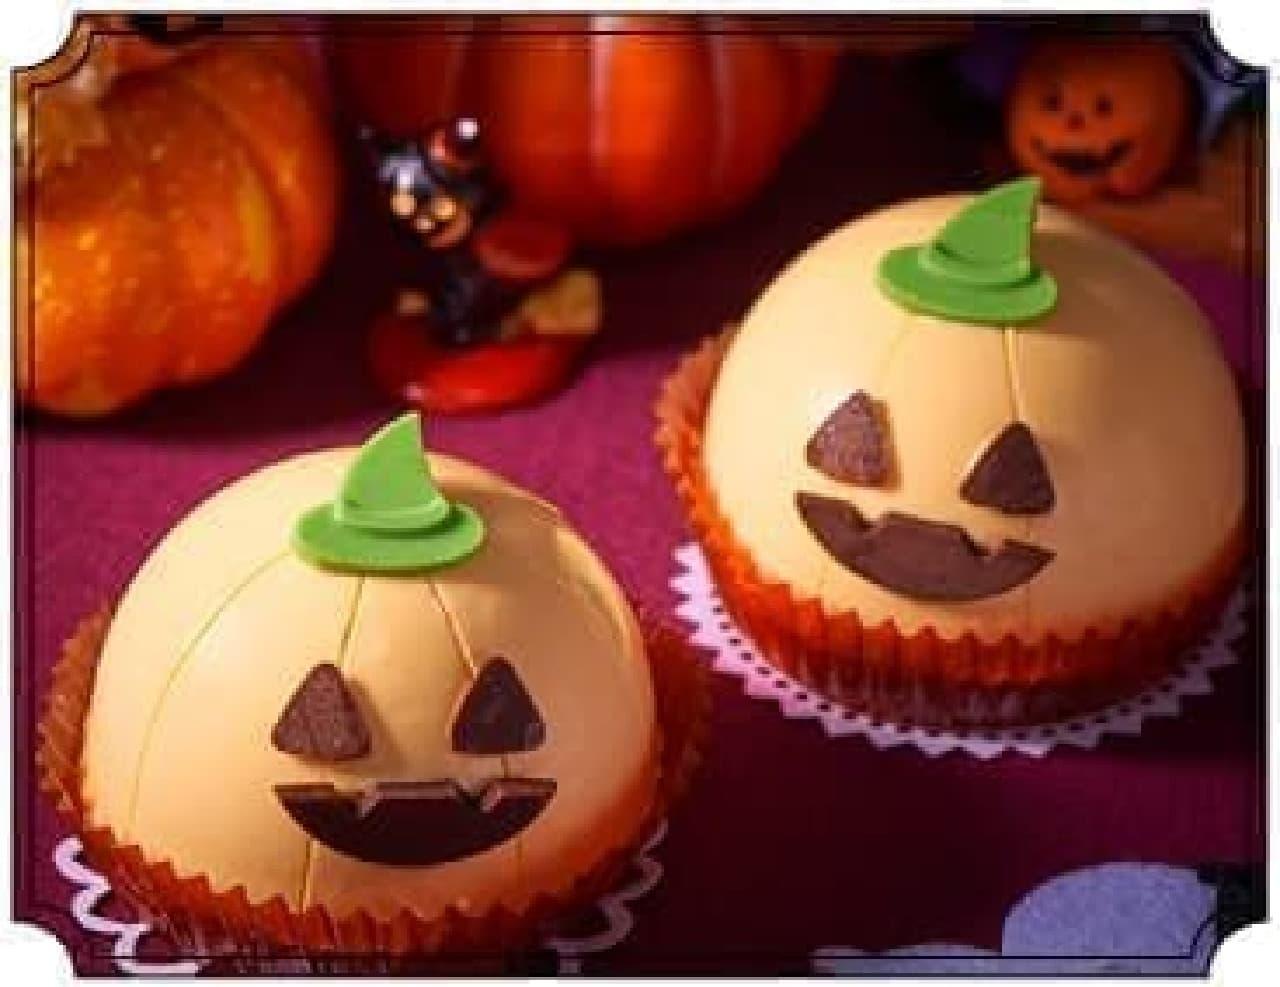 セブン-イレブン「チョコクリームとえびすかぼちゃケーキ」